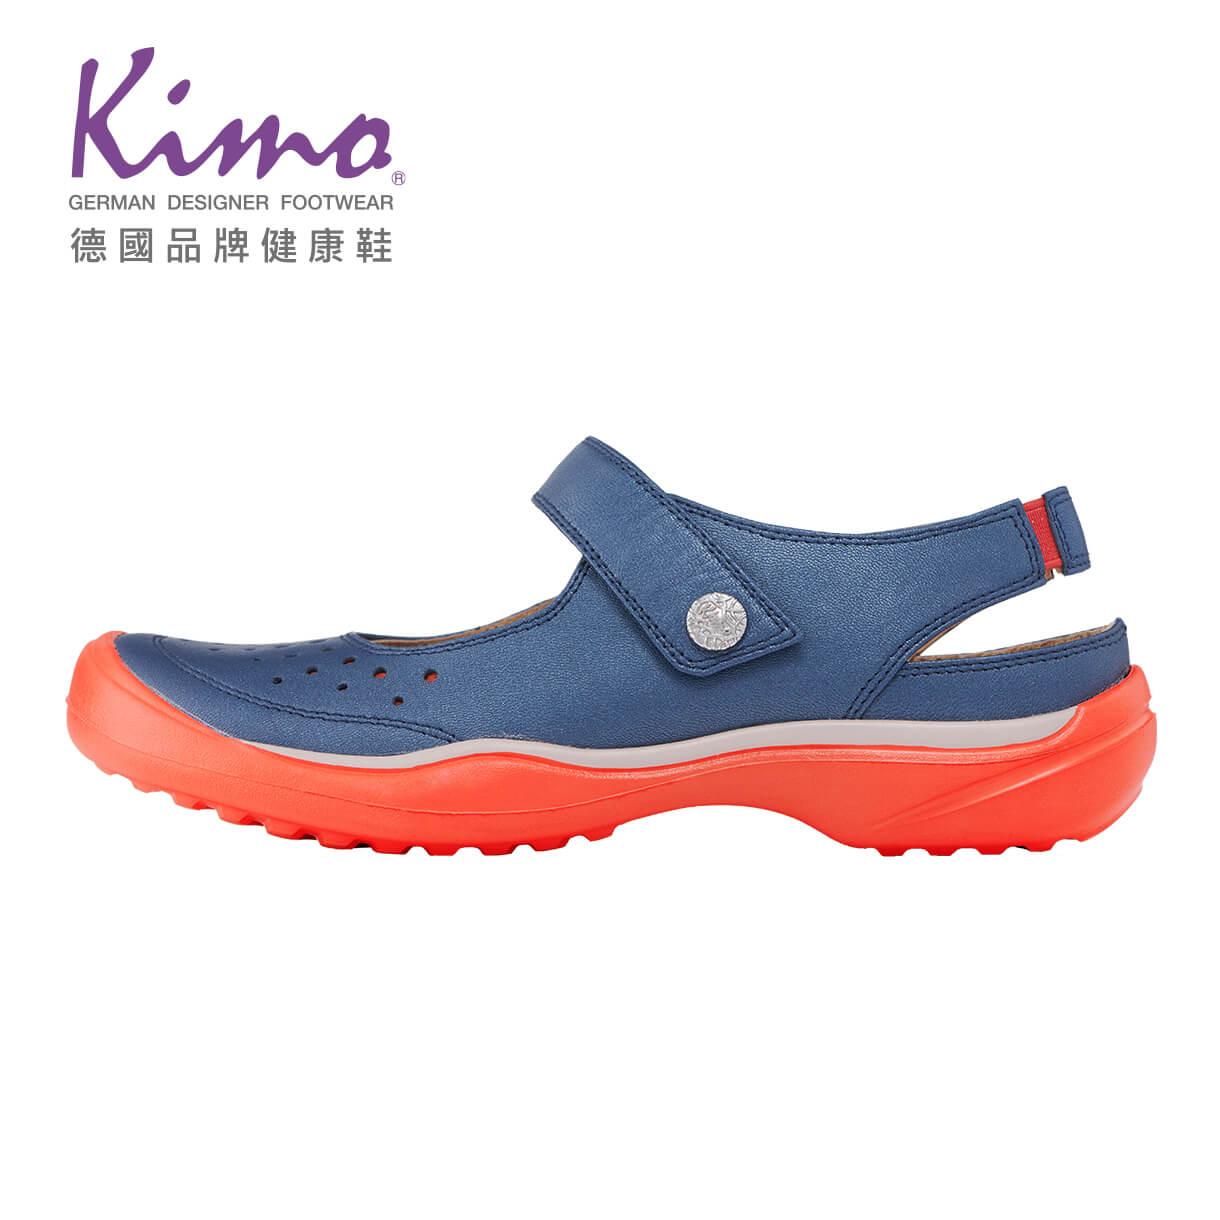 Kimo魔鬼沾繫帶簍空平底休閒娃娃鞋 女鞋(藍KBJSF073286)